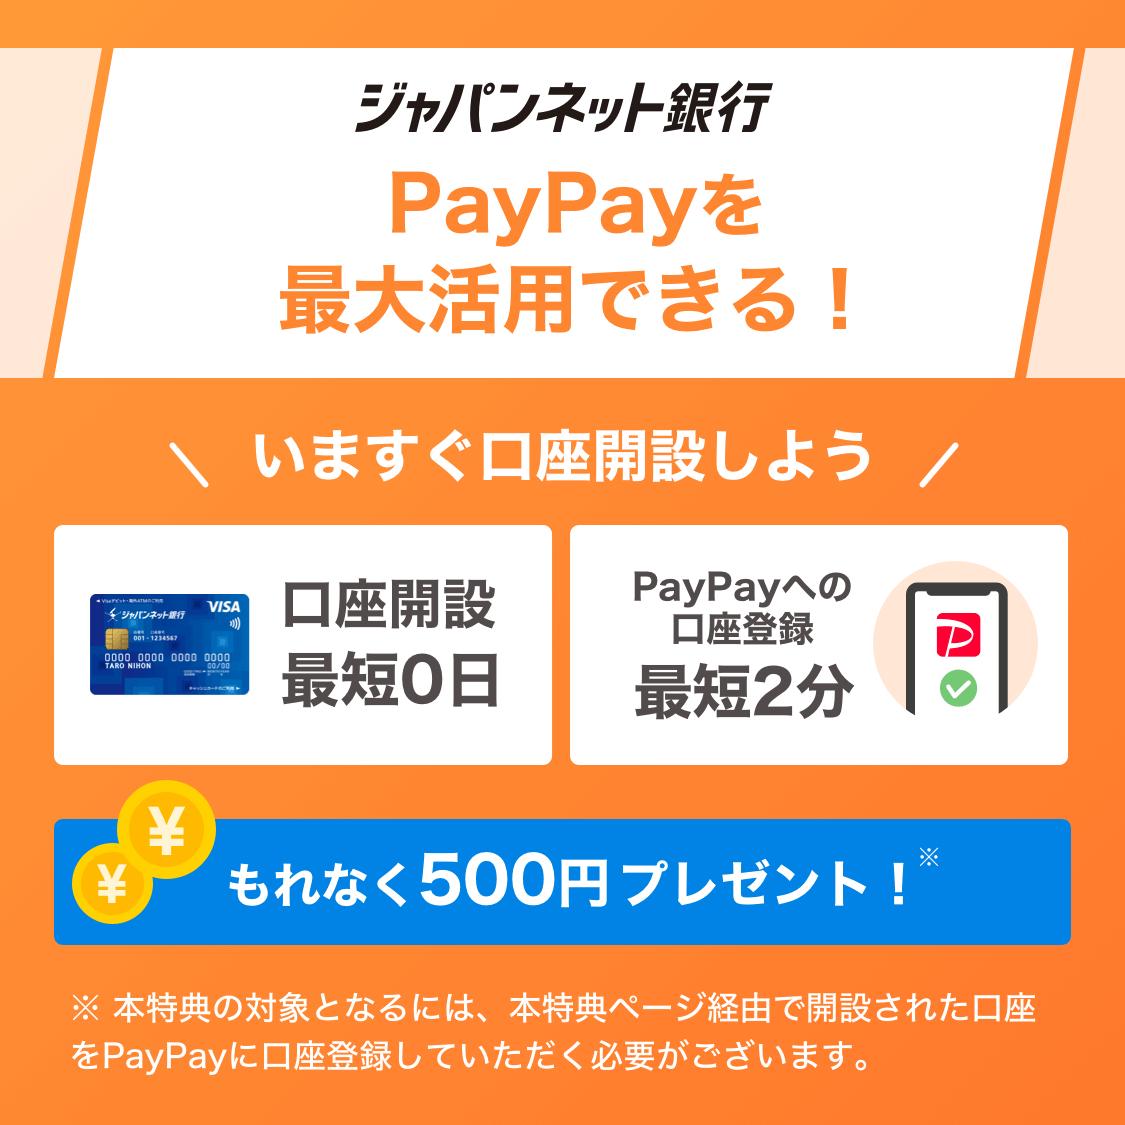 ジャパンネット銀行 PayPayを最大活用できる! いますぐ口座開設しよう もれなく500円プレゼント!